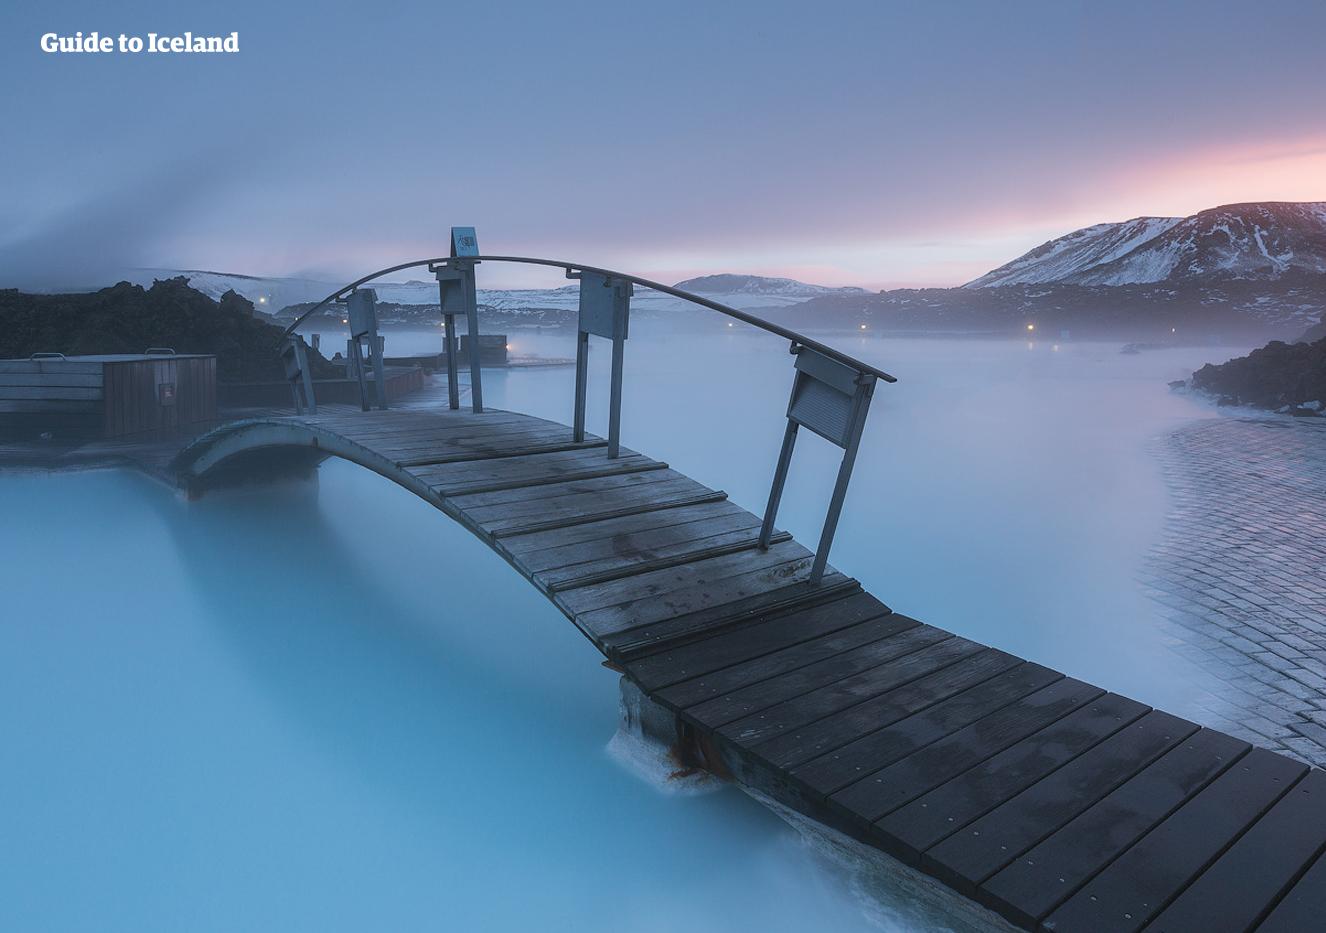 Entspanne im geothermalen Wasser der Blauen Lagune und lade deine Batterien nach deiner anstrengenden Anreise wieder auf.